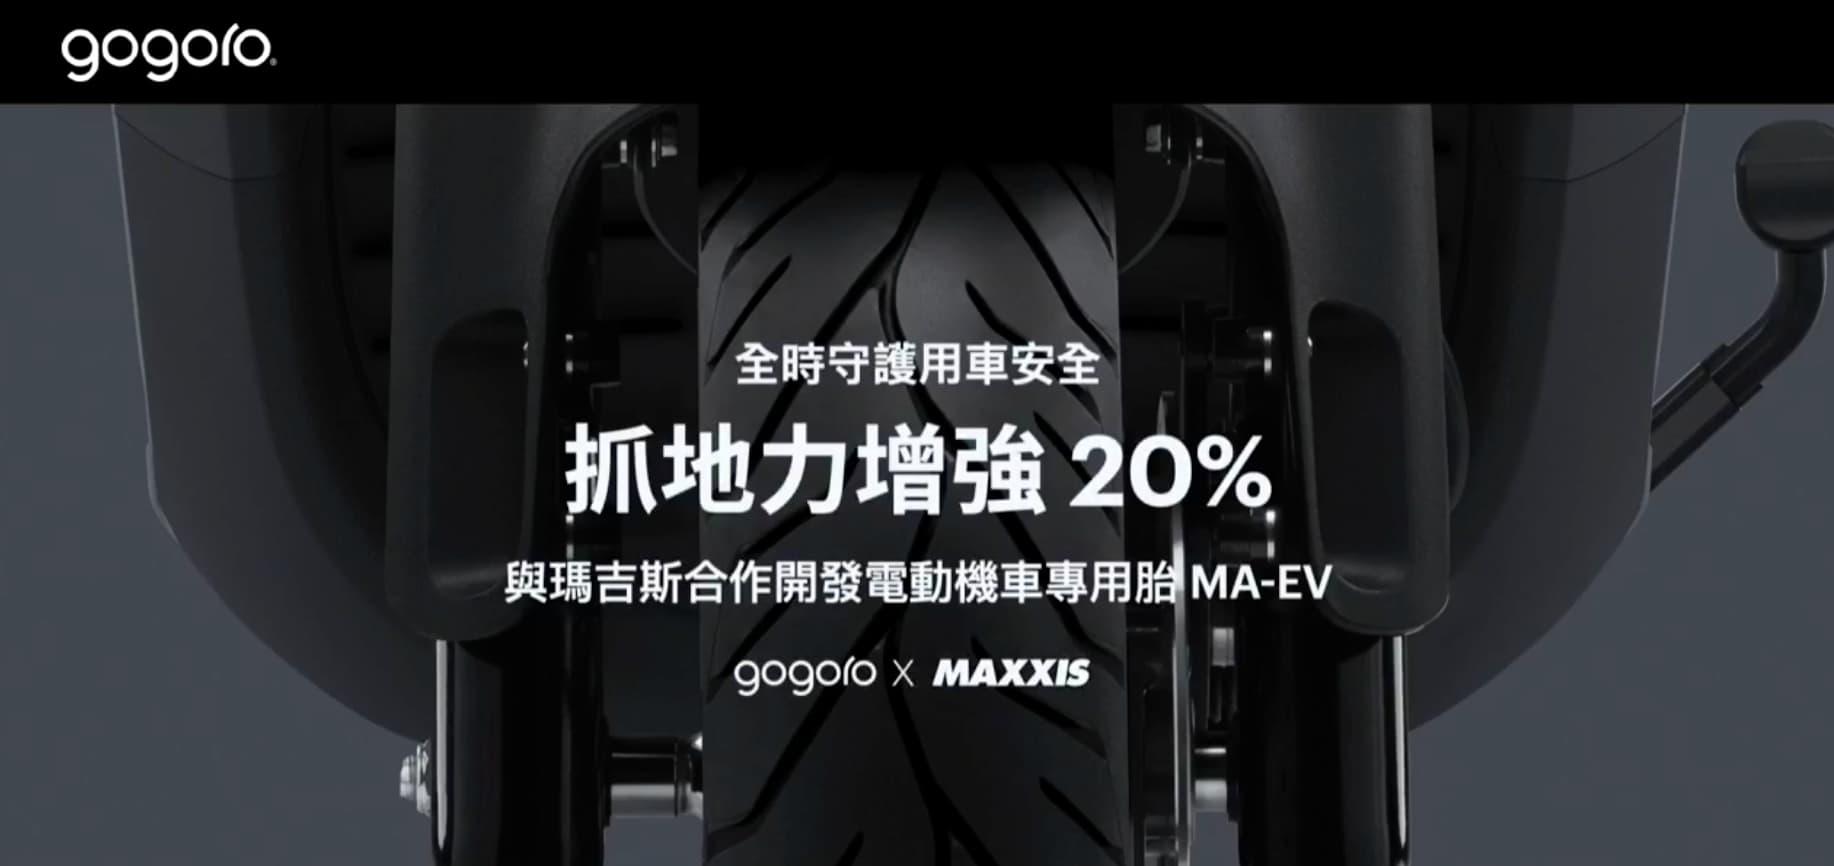 SBS同步煞車系統、MAEV 輪胎、車架剛性提升1